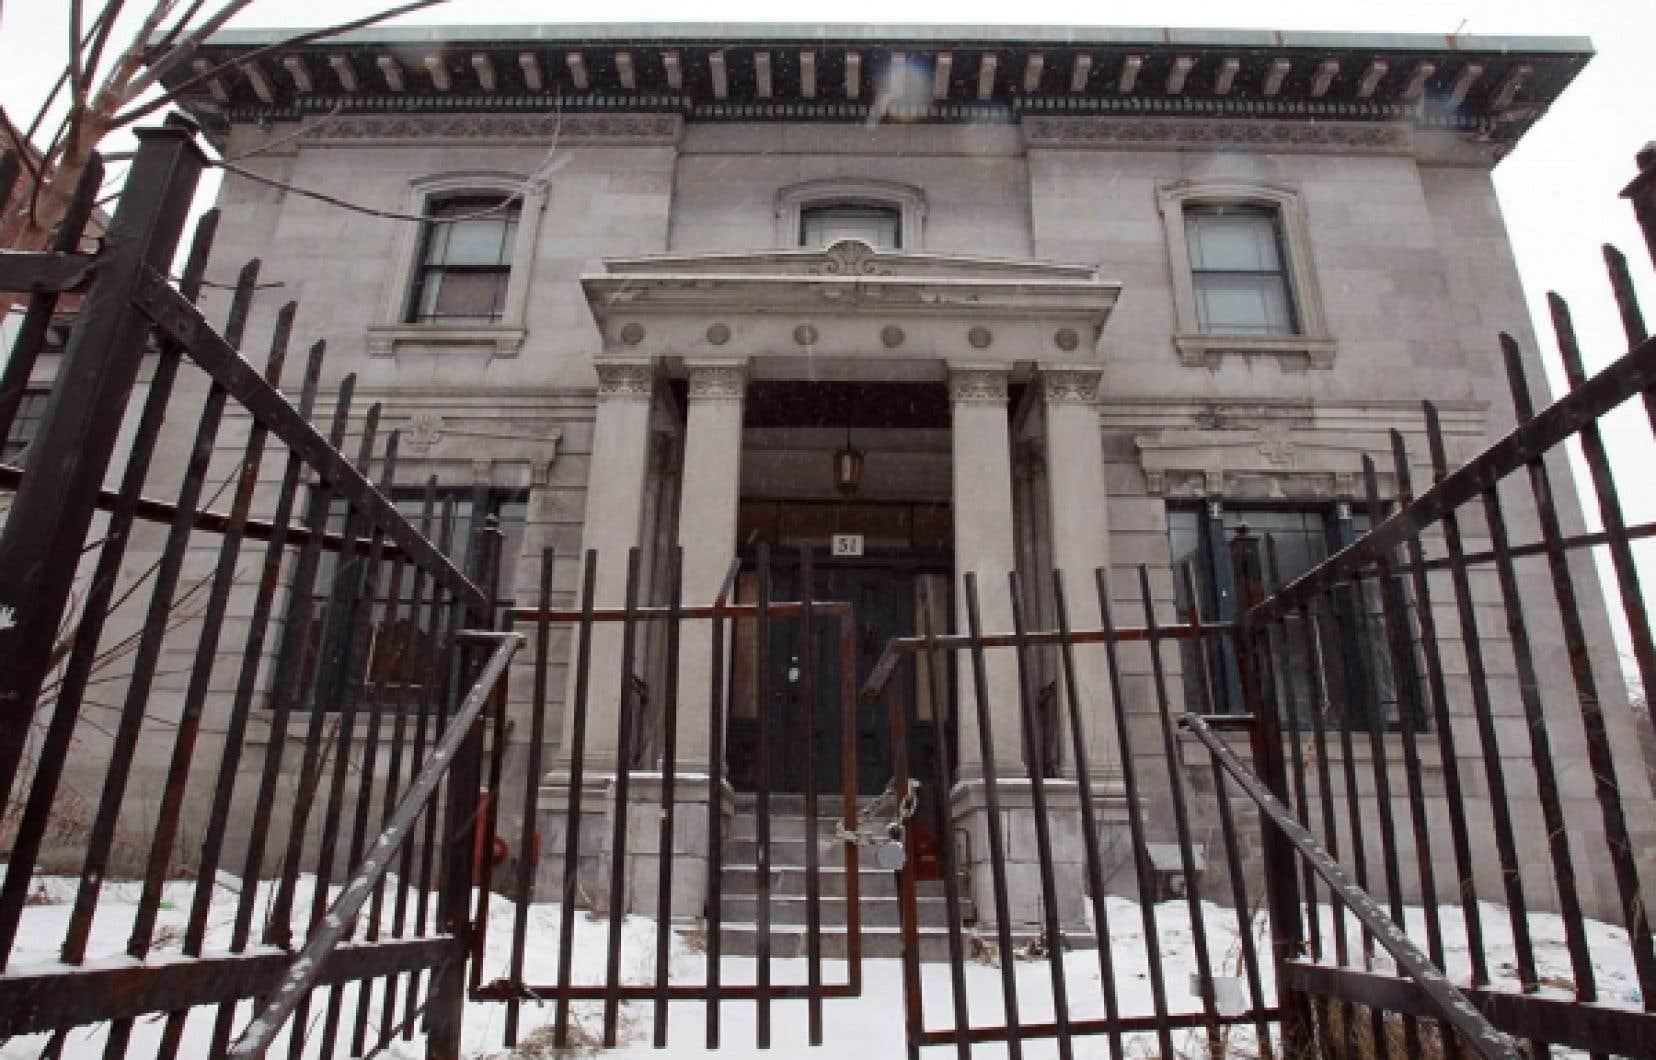 Construite en 1844 à l'angle des rues Sherbrooke et Clark, la maison Notman a été classée monument historique en 1979. Dans les années 2000, des projets pour le transformer en hôtel ou en condos ont tous échoué.<br />